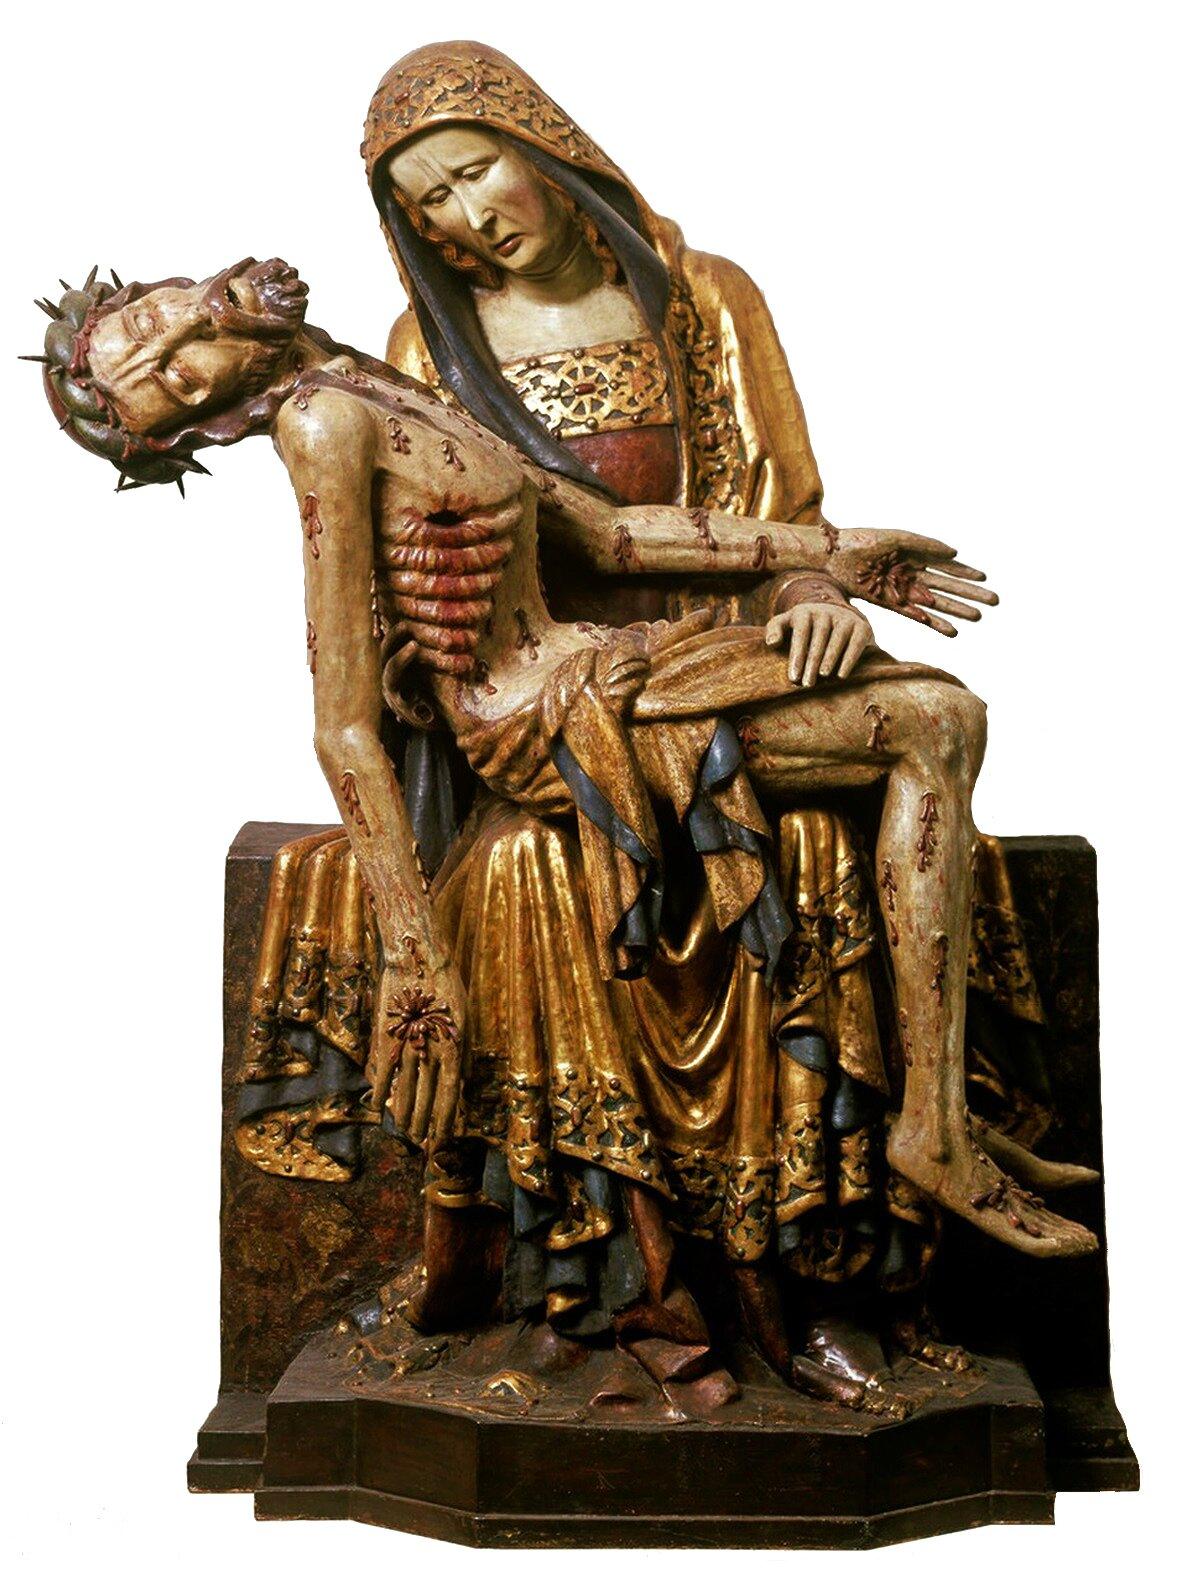 Pietà zLubiąża Źródło: Pietà zLubiąża, ok. 1370, polichromia na drewnie, Muzeum Narodowe wWarszawie, licencja: CC 0 1.0.